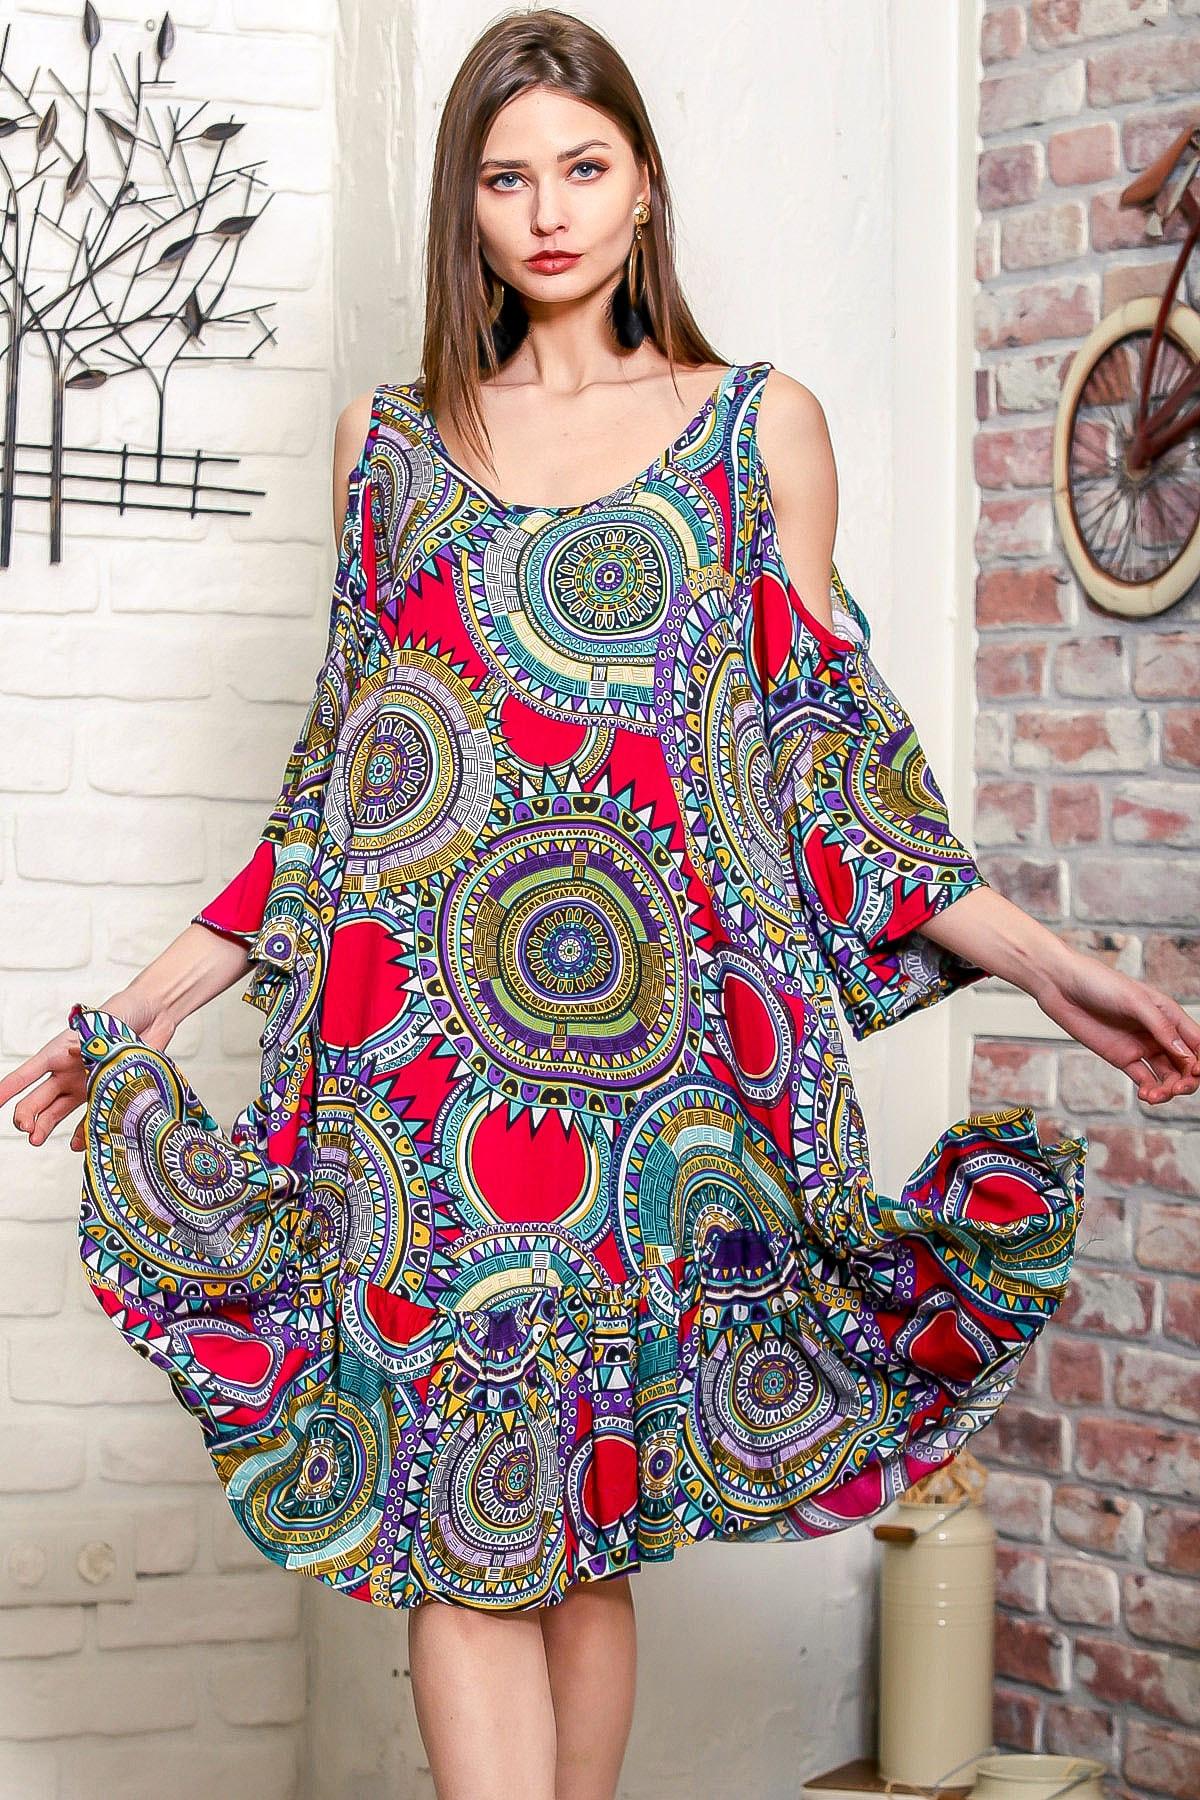 Chiccy Kadın Kırmızı-Yeşil Omuzları Pencereli Geometrik Desen Kolları Volanlı Salaş Elbise